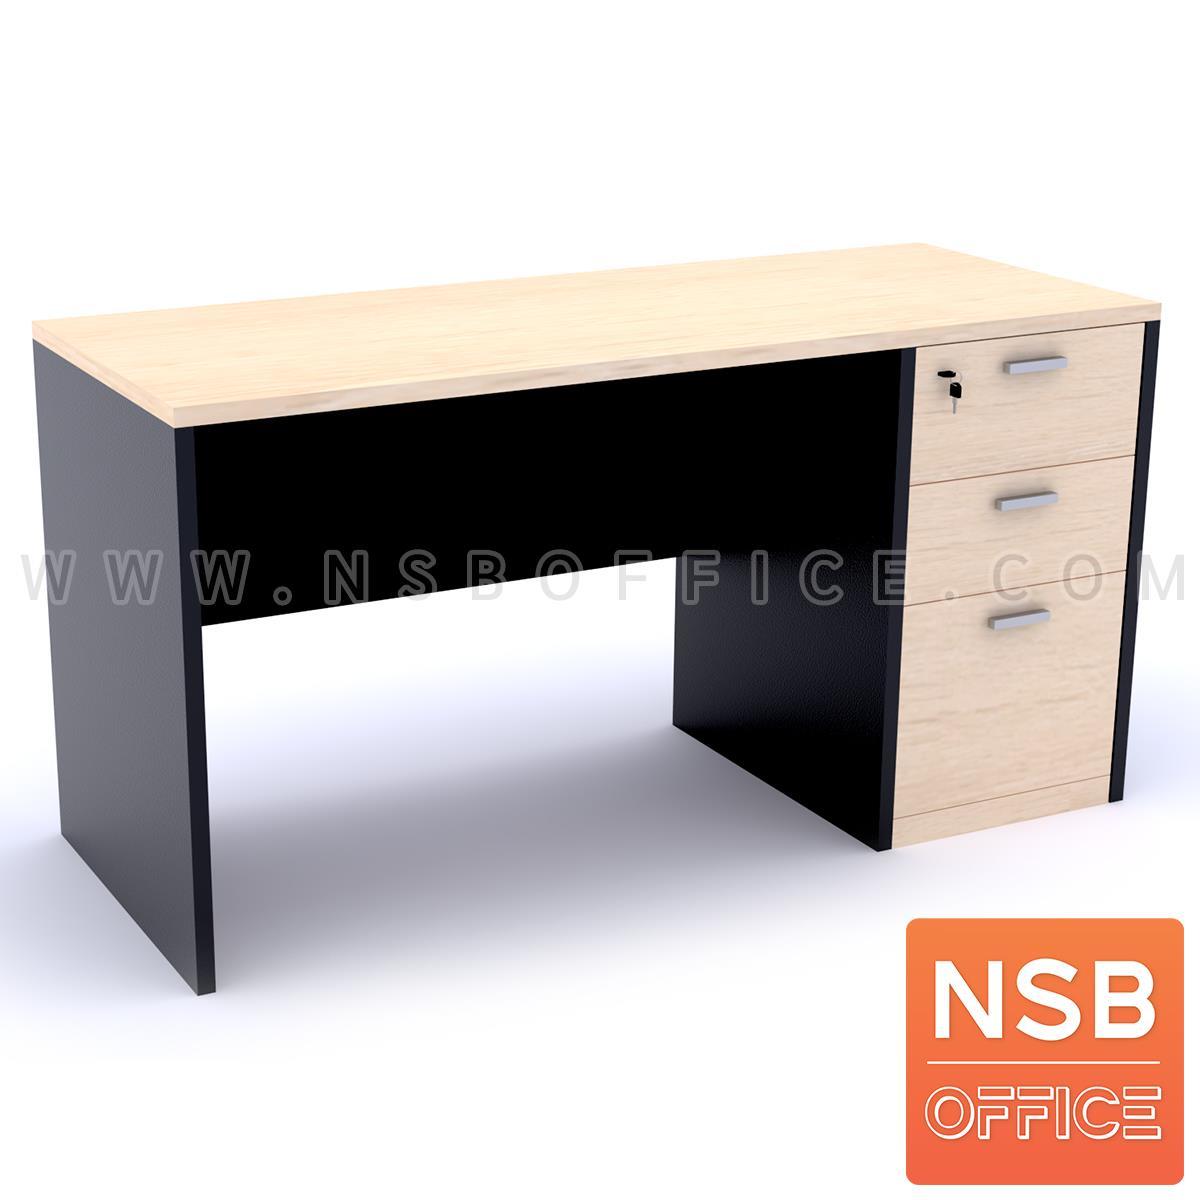 โต๊ะทำงาน 3 ลิ้นชักถึงพื้น  ขนาด 100W ,120W ,135W ,150W cm.  เมลามีน